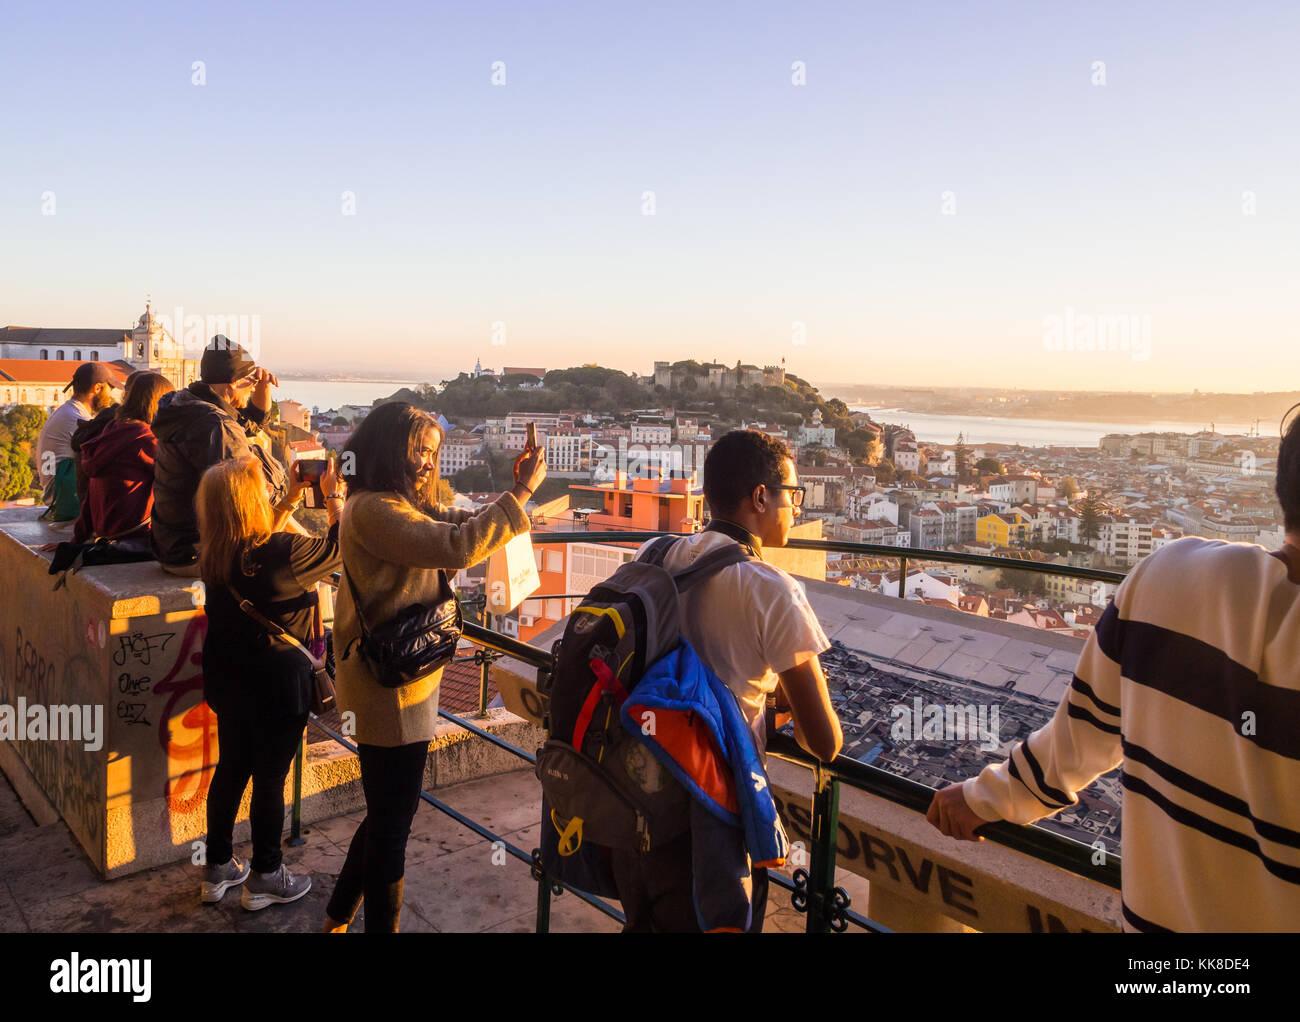 Lisbona, Portogallo - 19 novembre 2017: turisti al belvedere della Madonna del Colle Viewpoint, guardando il Cityscape Immagini Stock